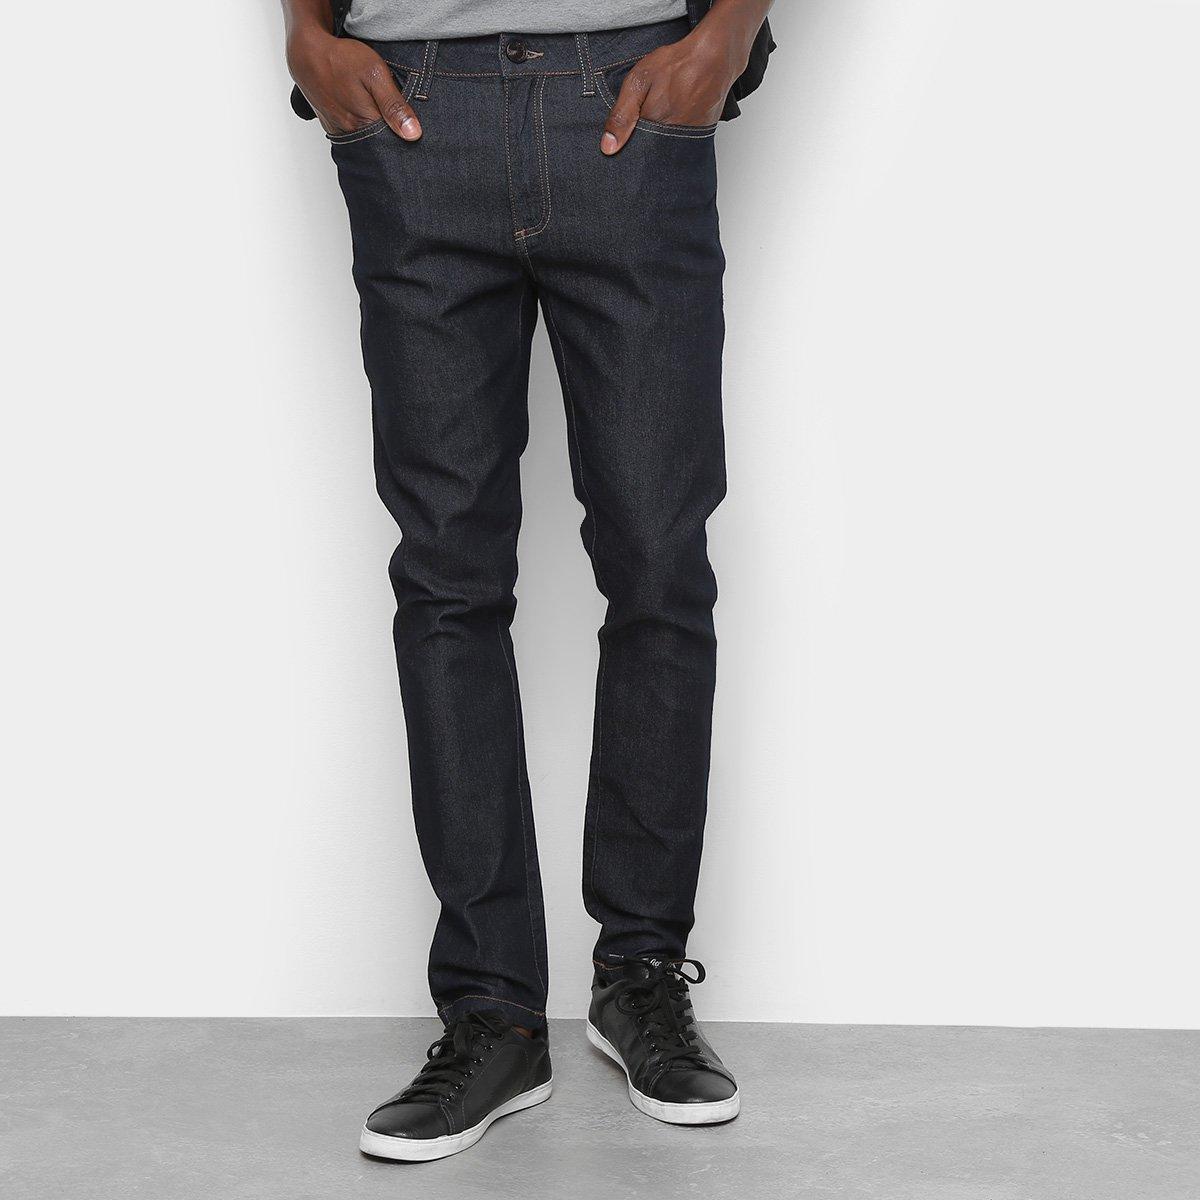 Menor preço em Calça Jeans Skinny Cavalera Lavagem Escura Cintura Média Masculina - Azul Escuro